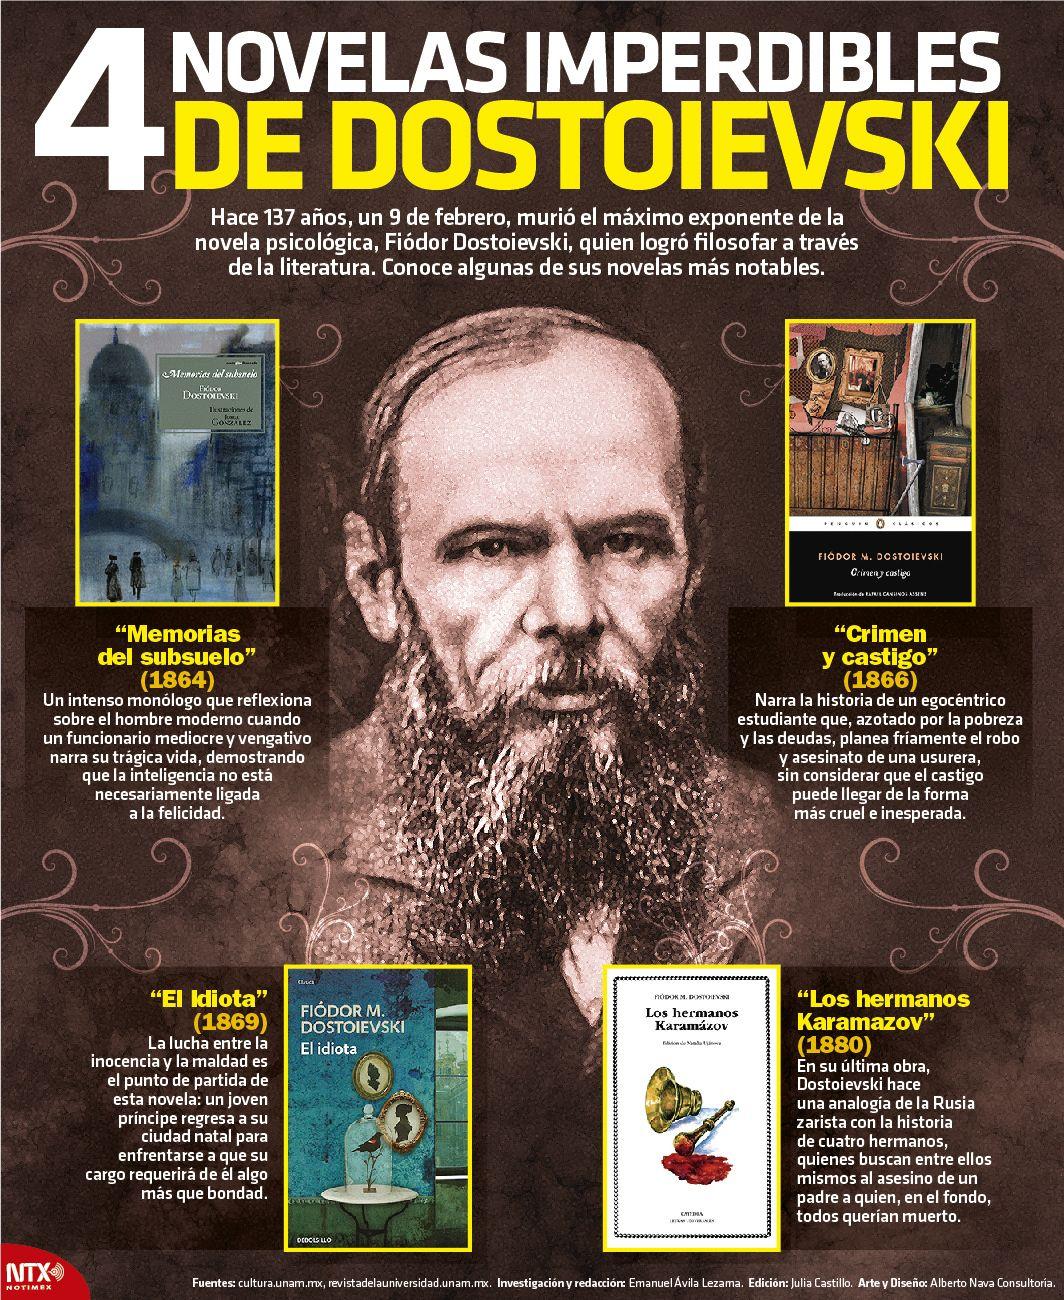 Undíacomohoy 9 De Febrero Pero De 1881 Murió El Exponente De La Novela Psicológica Fiódor Dostoievski Arte Y Literatura Libros De Lectura Libros De Filosofía